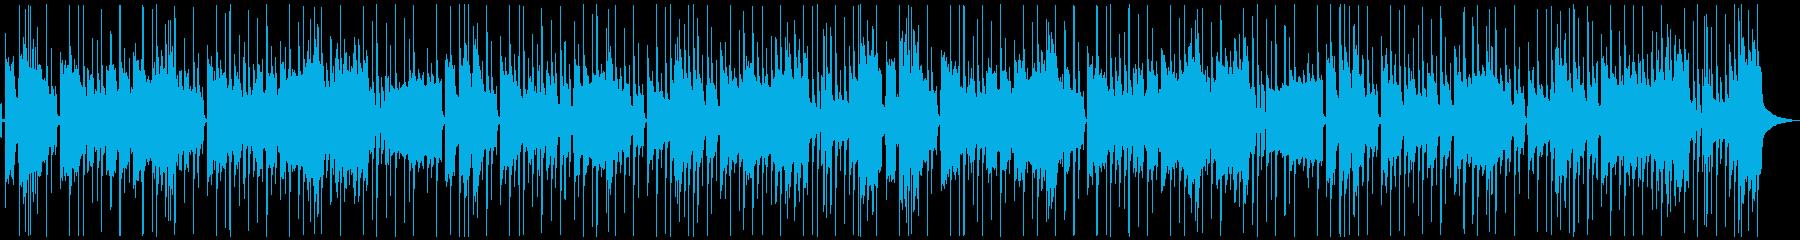 ノリノリ・ファンキー(メロあり)2ループの再生済みの波形